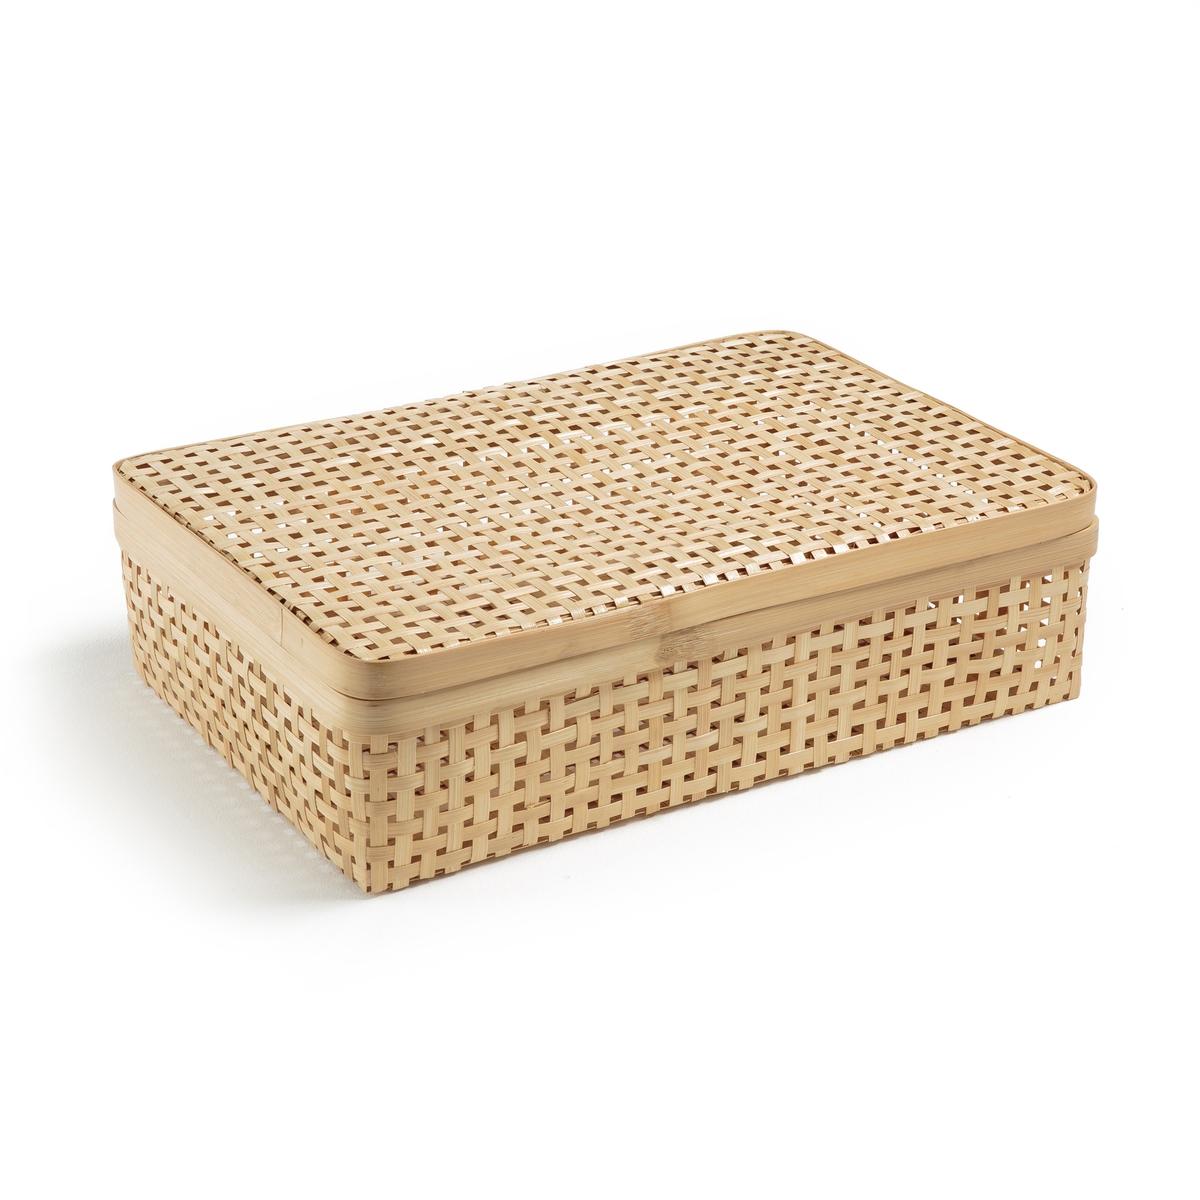 Коробка ручного производства из бамбука, SyramuКоробка Syramu. В азиатском стиле, из плетеного бамбука. Практичная коробка, которую можно использовать на журнальном столике или под столиком для хранения вещей от любопытных взглядов благодаря съемной крышке. Произведено вручную. Размеры: Ш45 x В12 x Г31 см.<br><br>Цвет: серо-бежевый